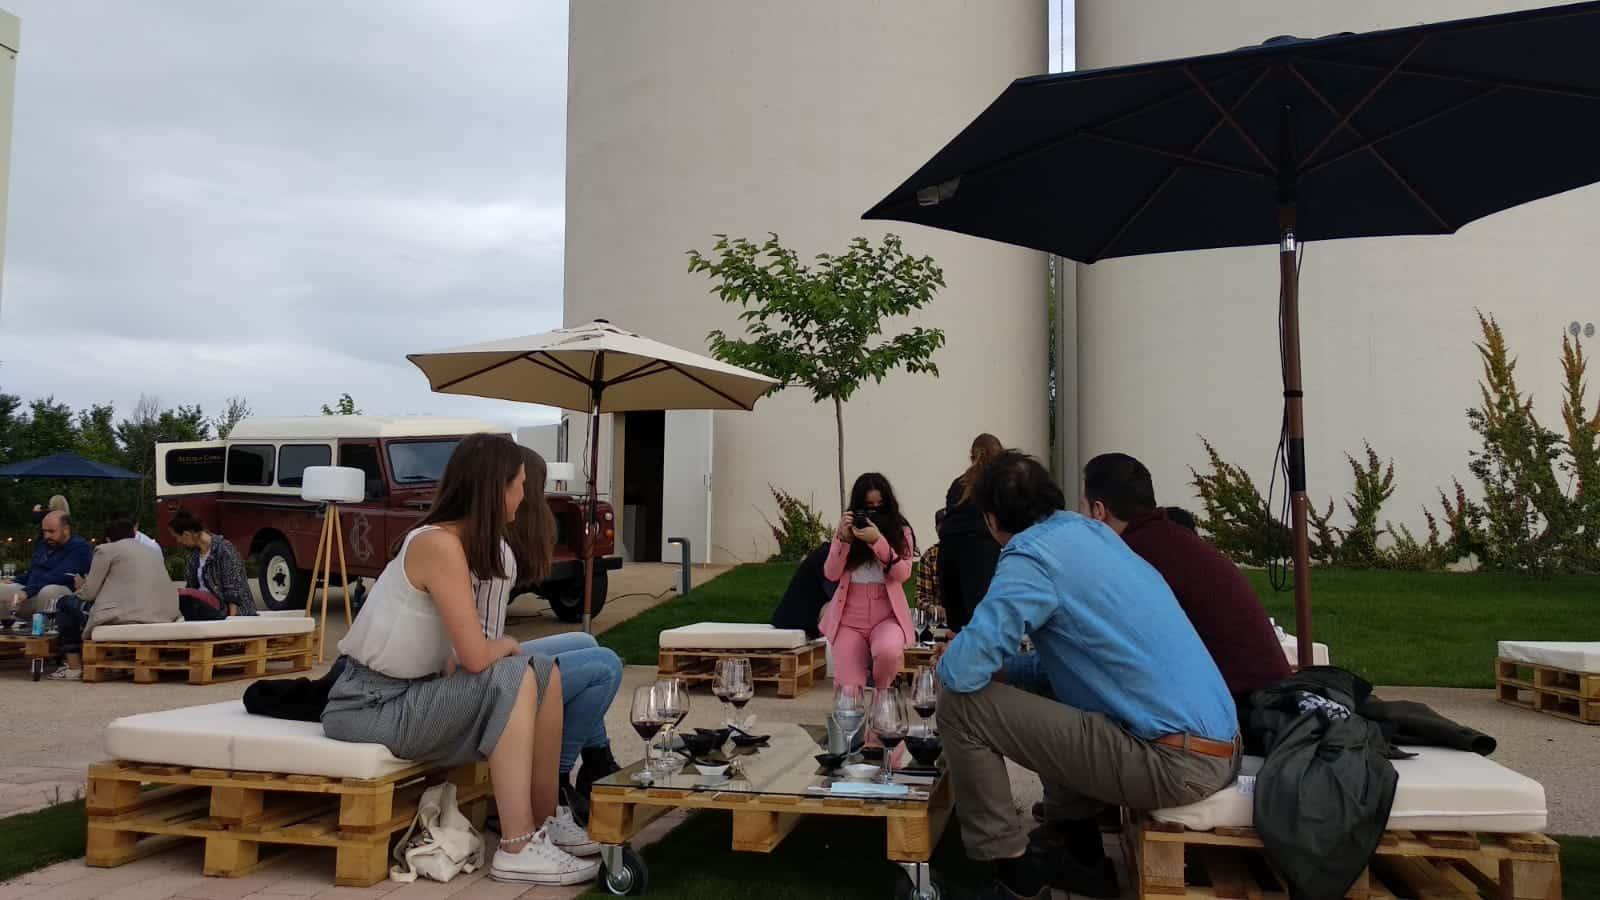 Bodegas Corral lanza su nueva oferta enoturística: terraza con vistas al viñedo y un depósito convertido en sala de catas 7